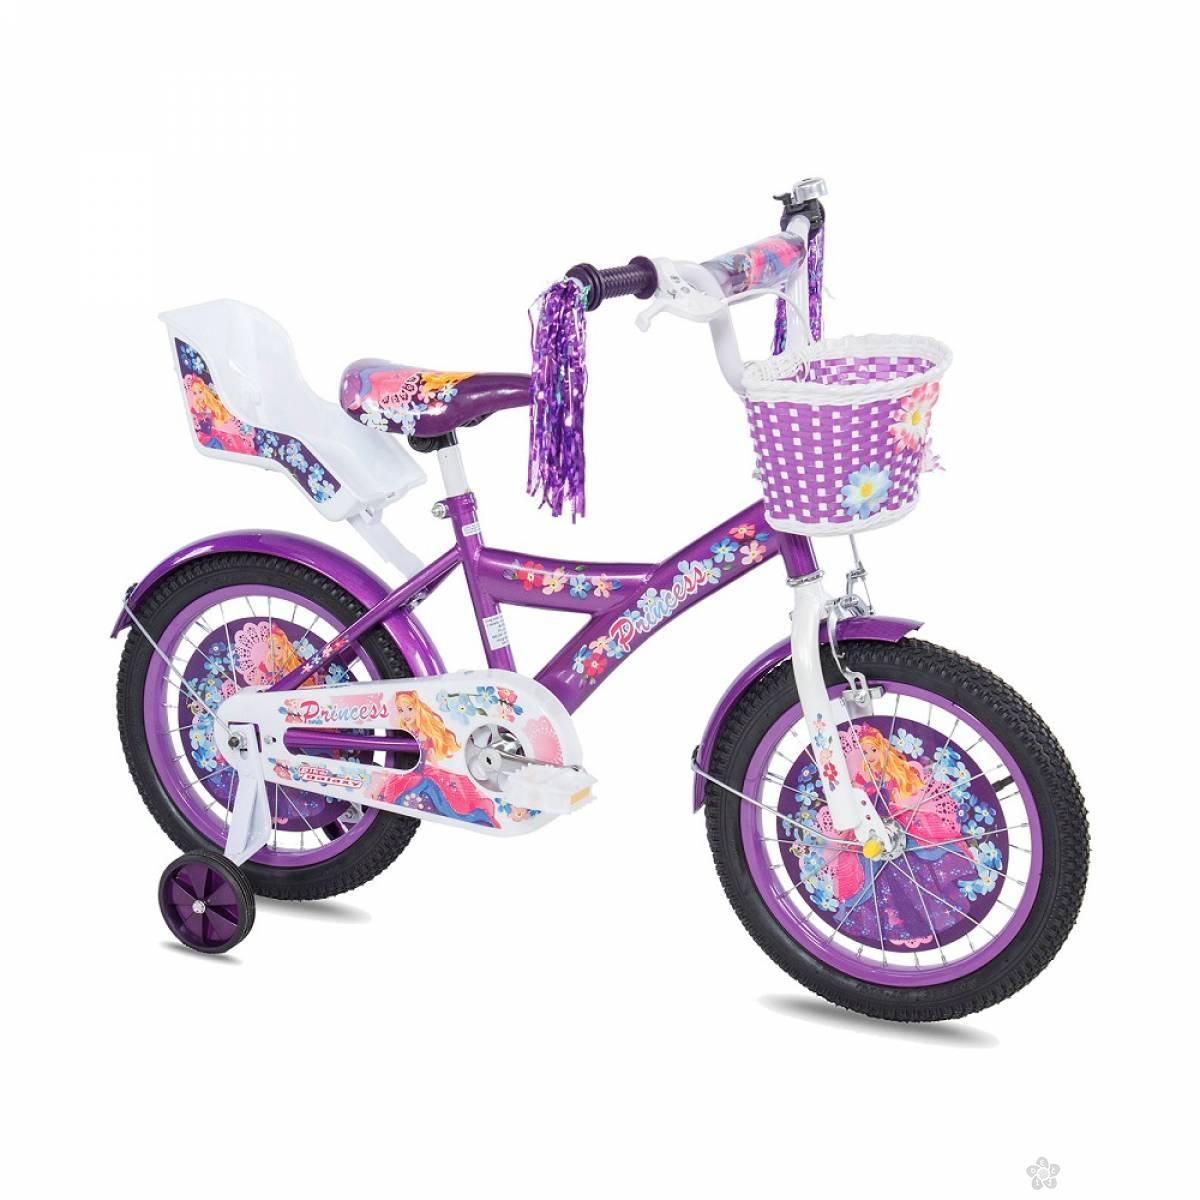 Dečiji Bicikl Princess 16 ljubičasta, 460122